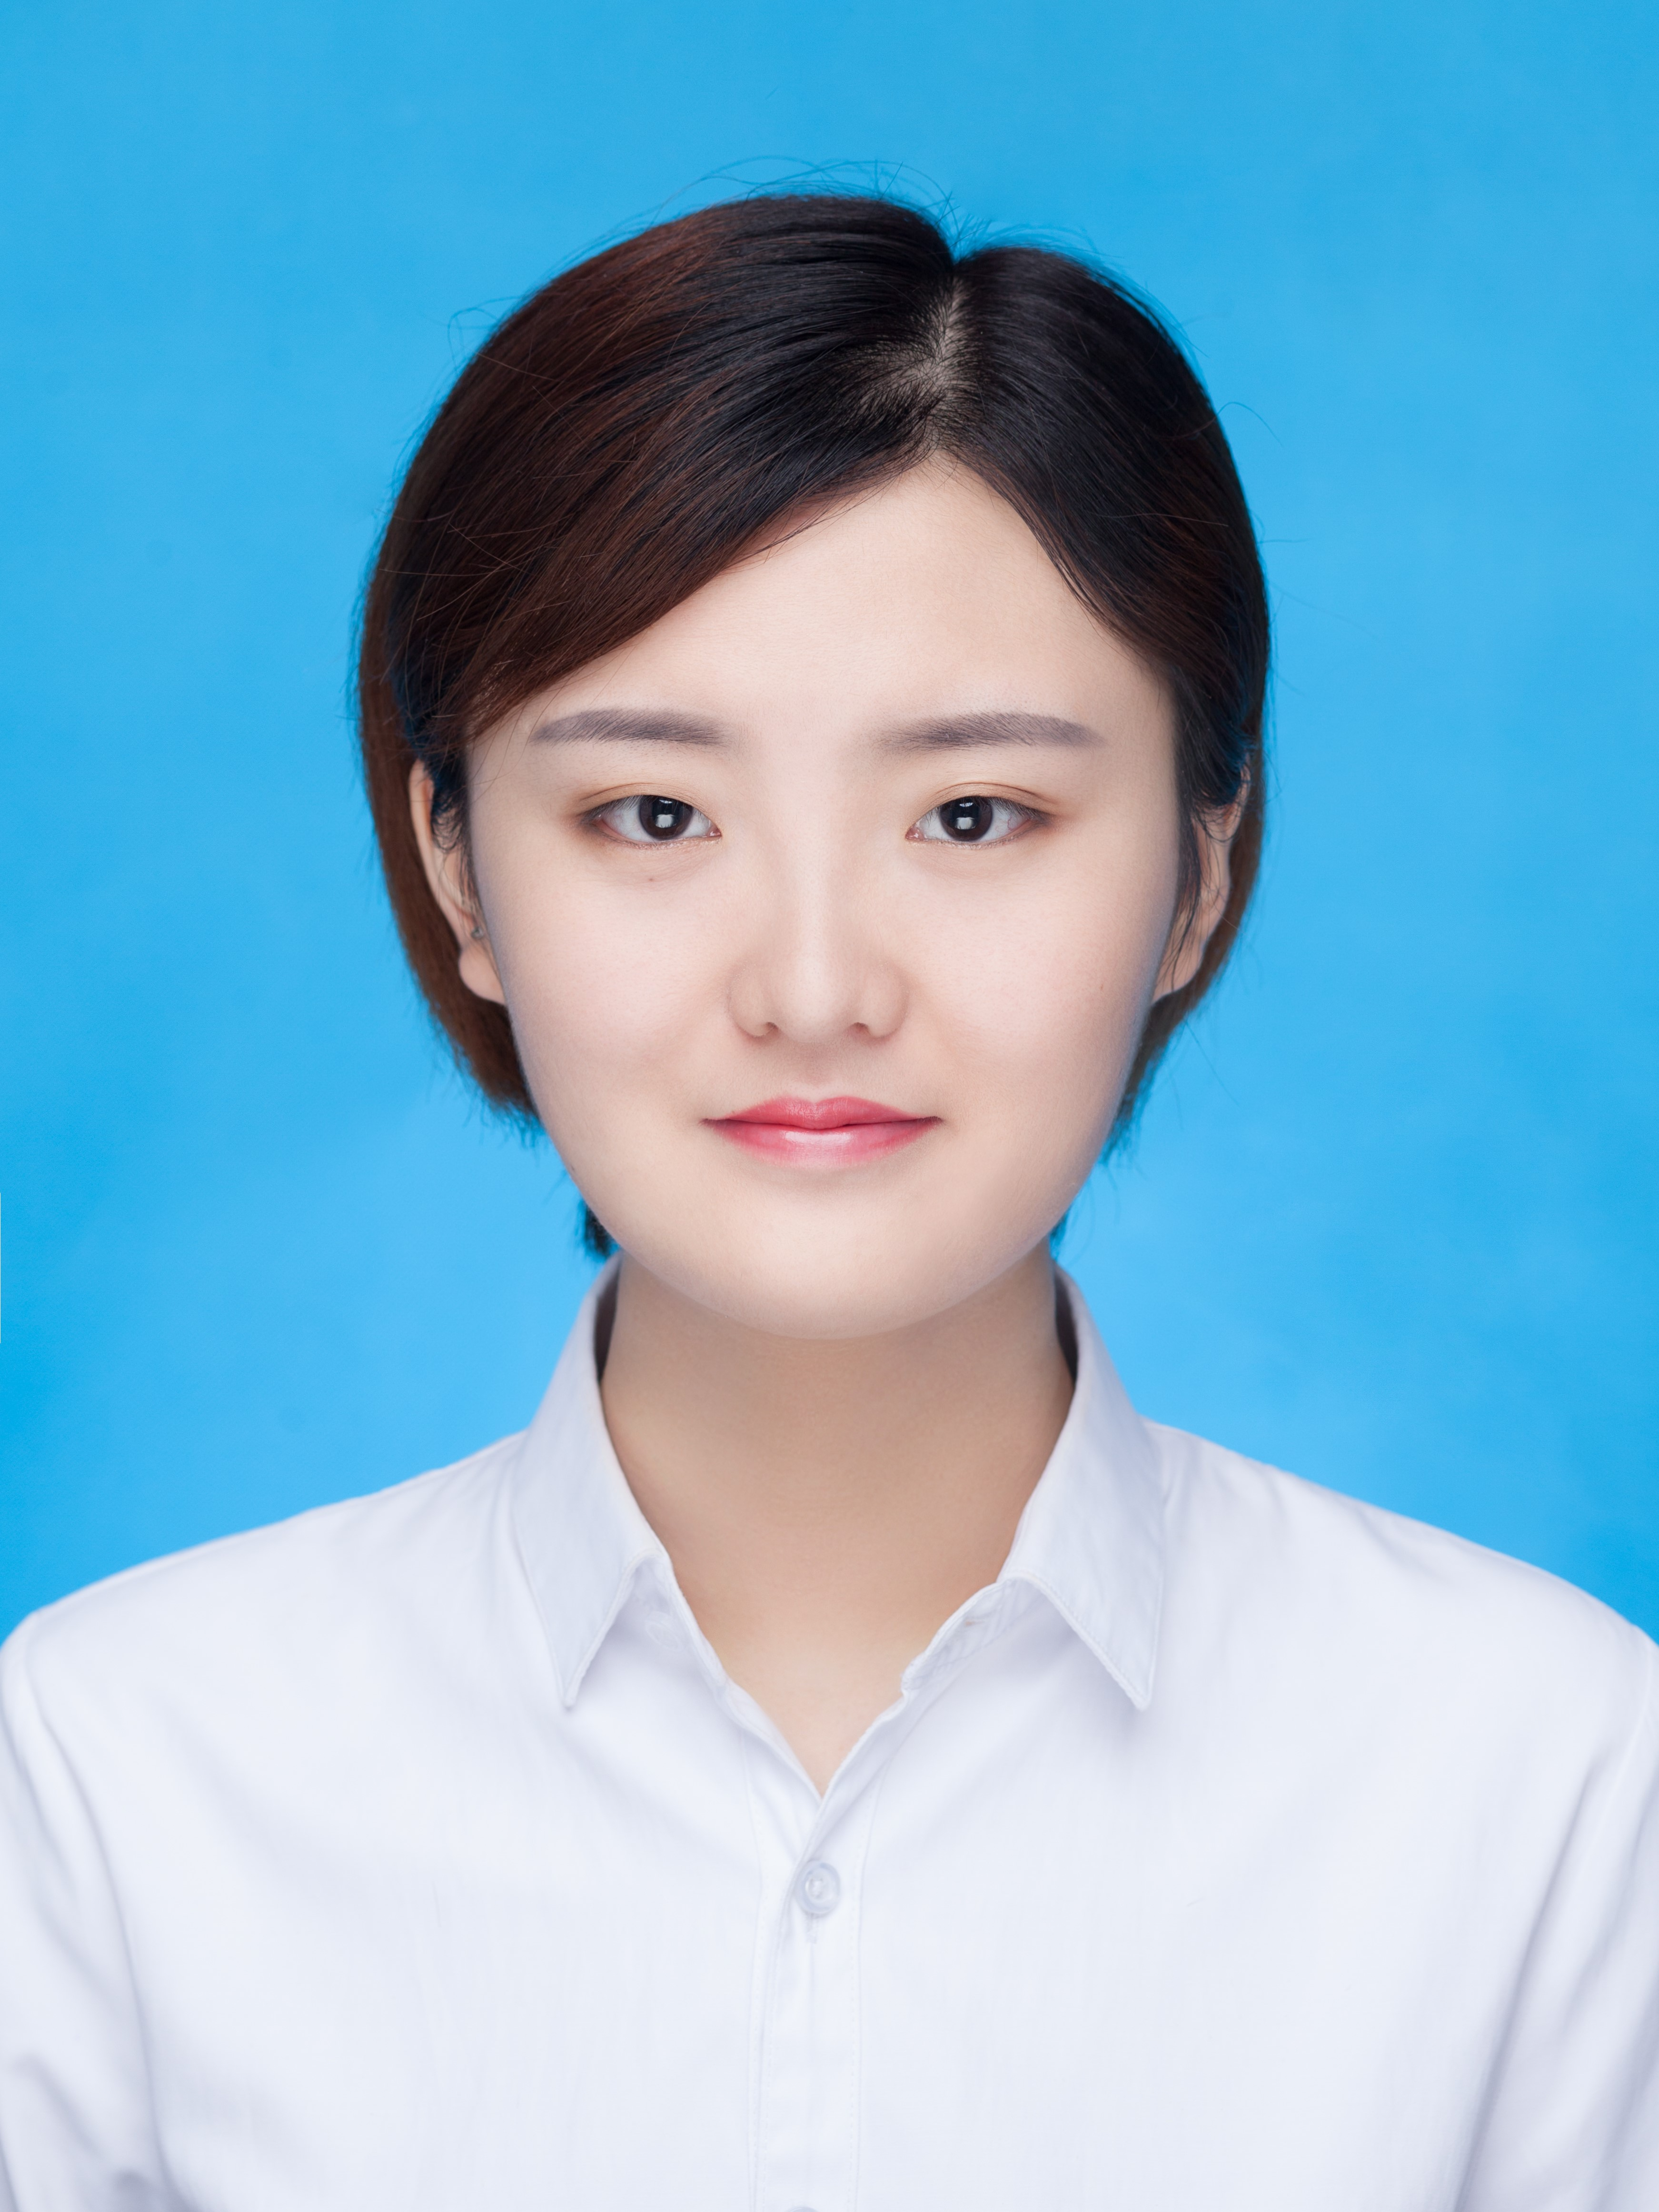 Yue Ma portrait